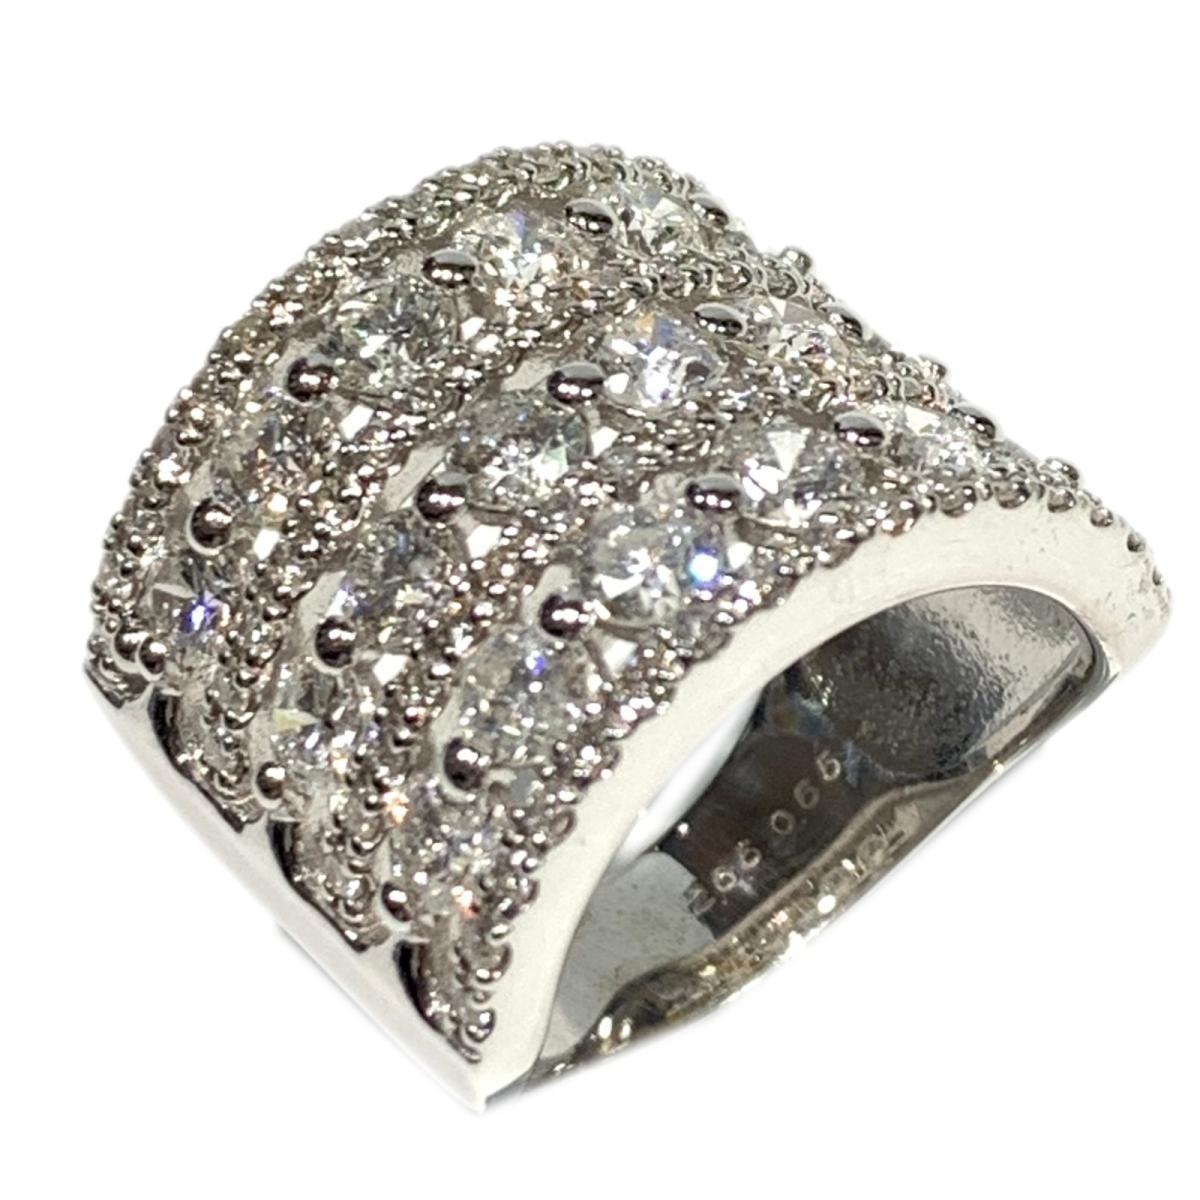 ジュエリー ダイヤモンド リング 指輪 ノーブランドジュエリー レディース K18WG (750) ホワイトゴールド x 2.65ct | JEWELRY BRANDOFF ブランドオフ アクセサリー